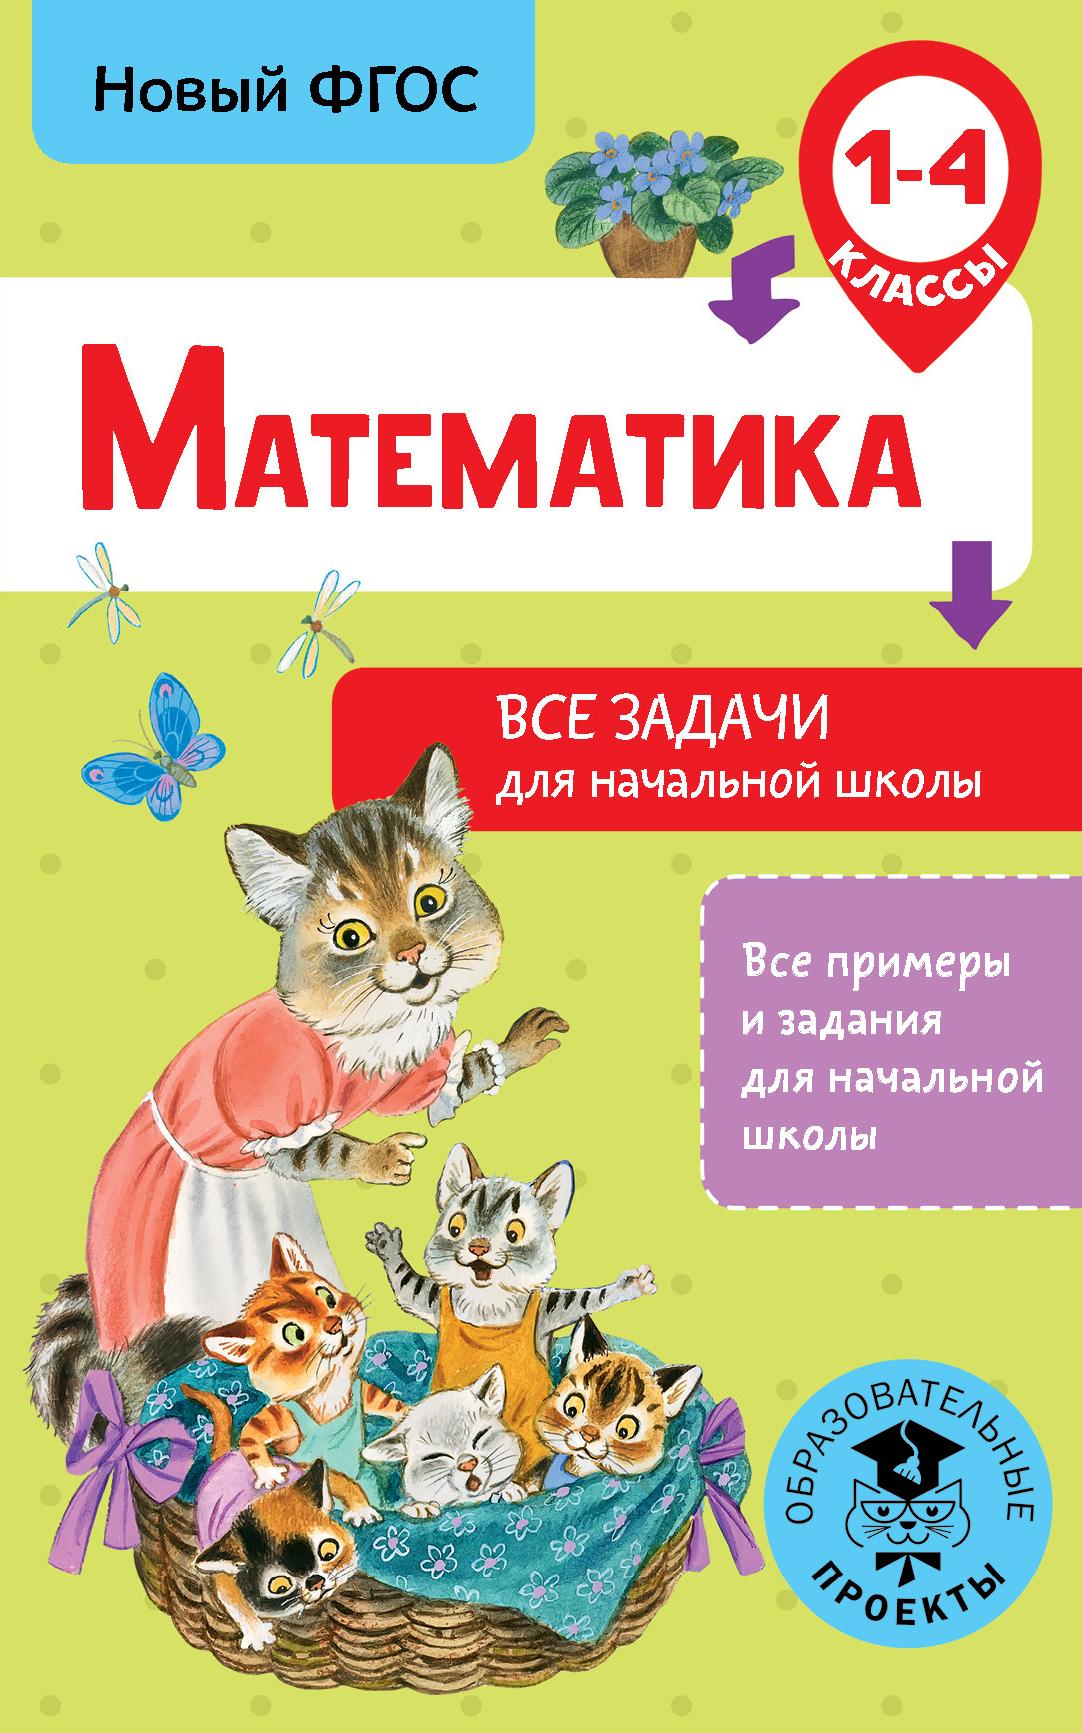 Хомяков Д.В. Математика. Все задачи для начальной школы. 1-4 классы стоимость